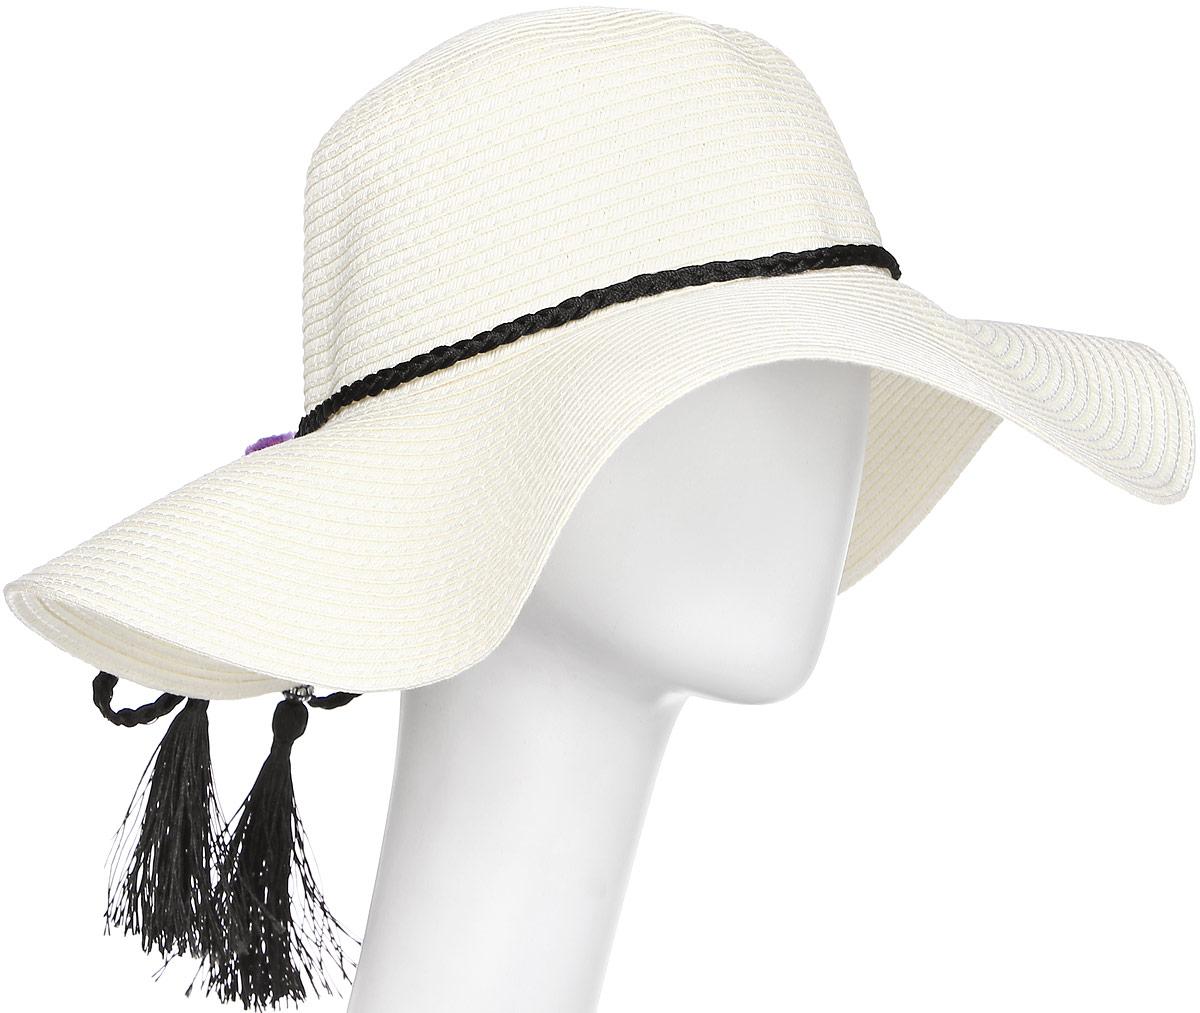 Шляпа женская Модные истории, цвет: молочный. 4/0052/001. Размер универсальный4/0052/001Широкополая шляпа Модные истории выполнена из целлюлозы. Модель оформлена плетением и декоративными нашивками в виде помпонов и косичек. Благодаря своей форме, шляпа удобно садится по голове и подойдет к любому стилю. Изделие легко восстанавливает свою форму после сжатия.